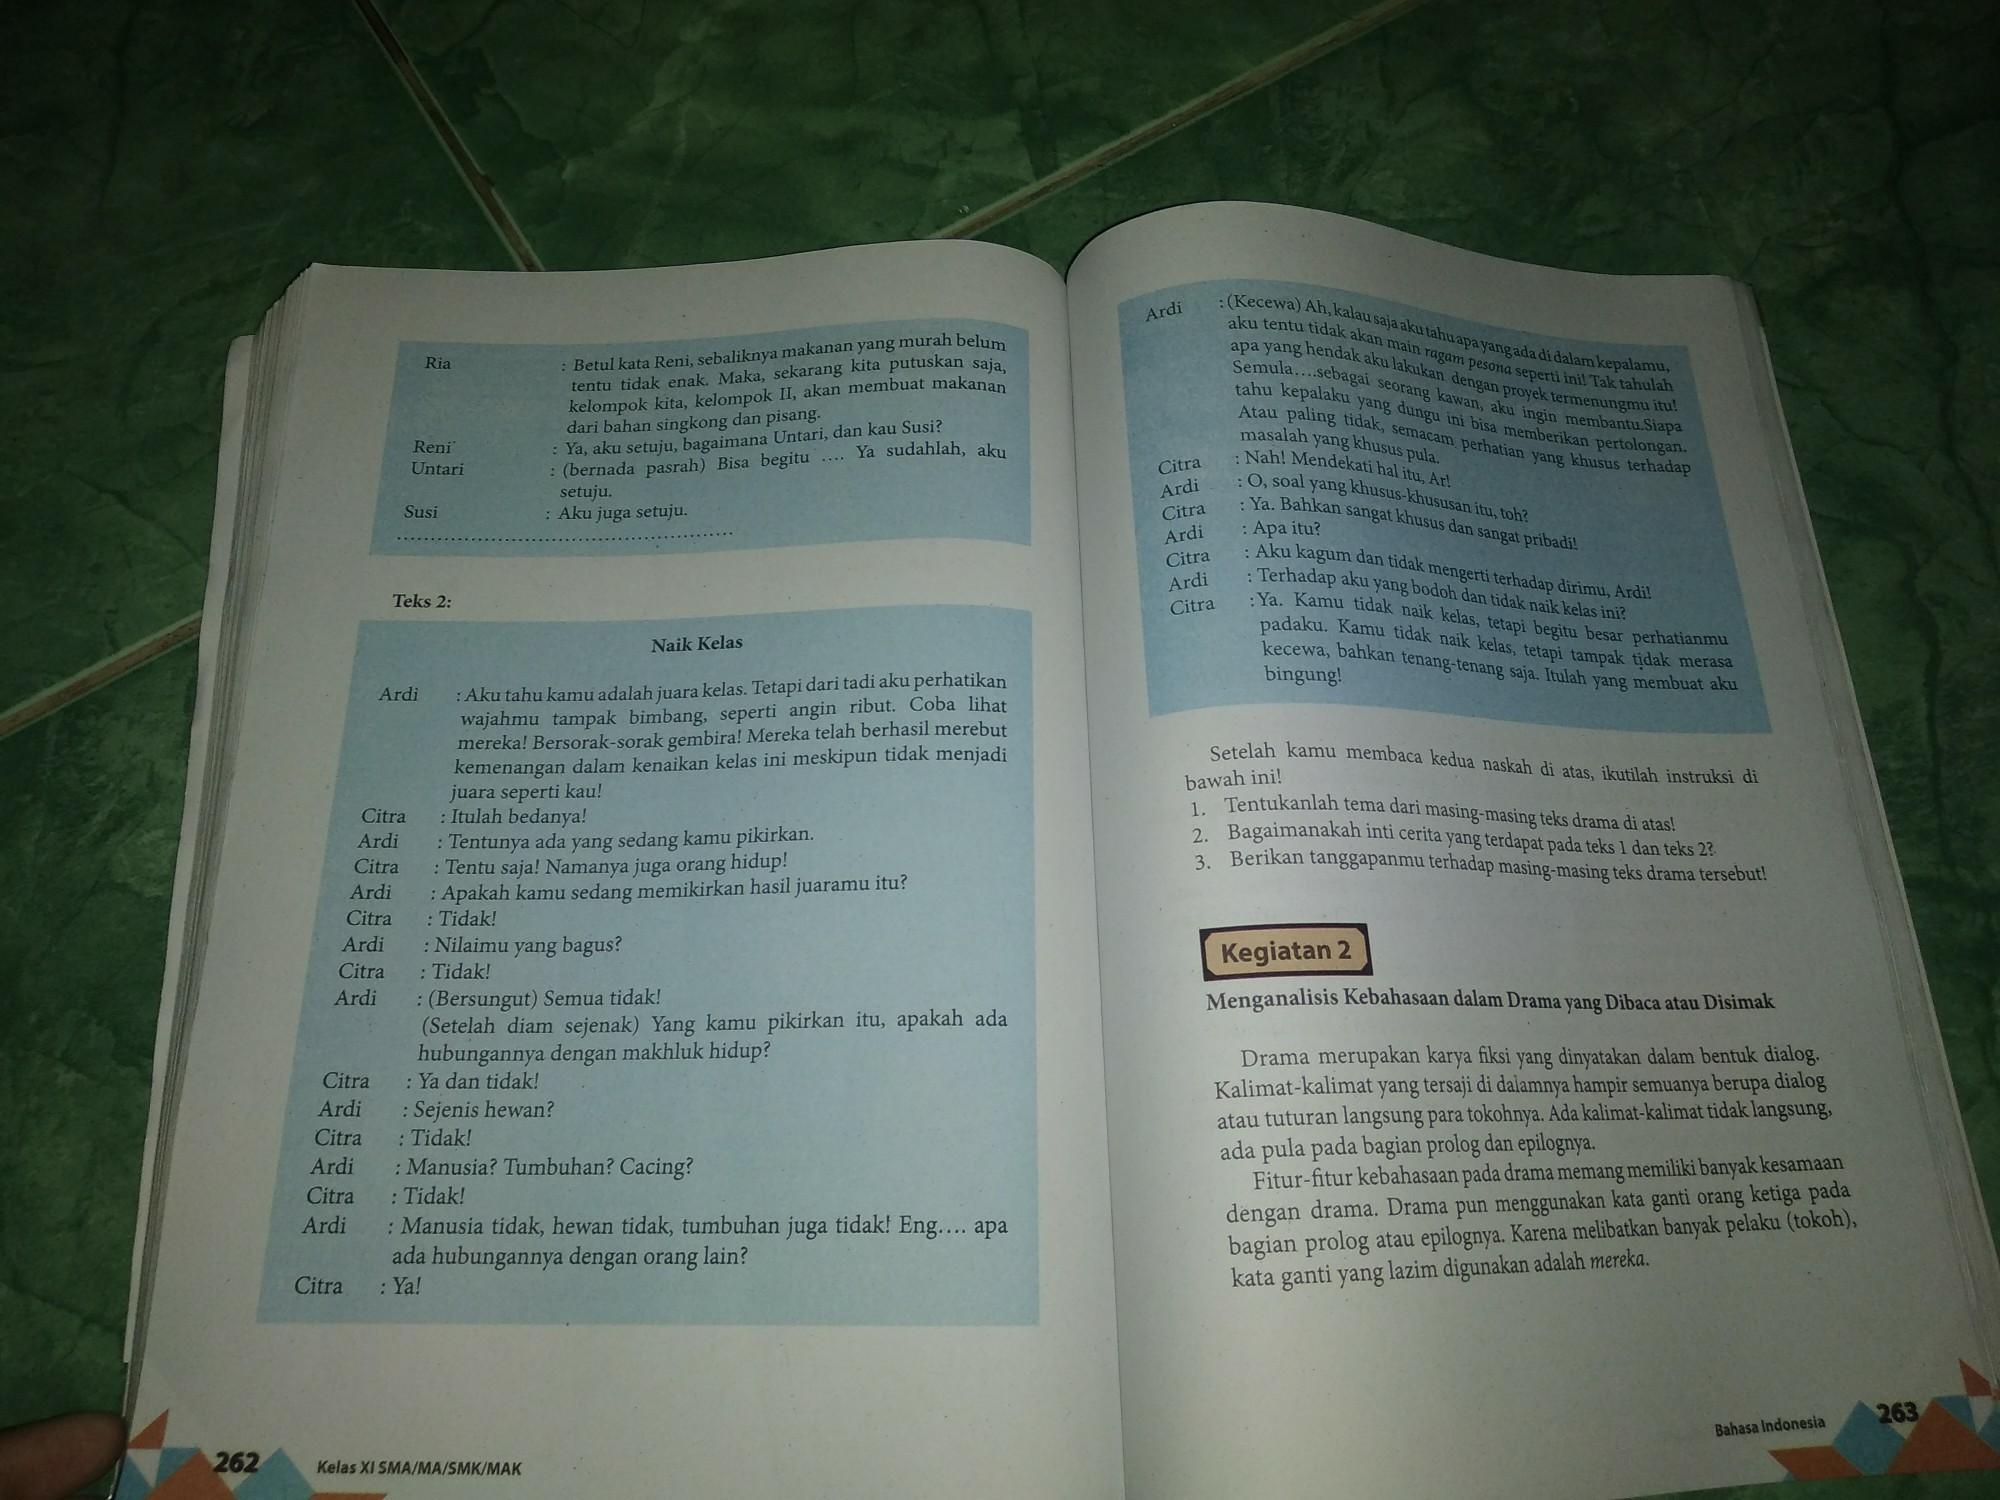 Contoh Soal Cerpen Kelas 11 Smk Beserta Jawabannya Guru Ilmu Sosial